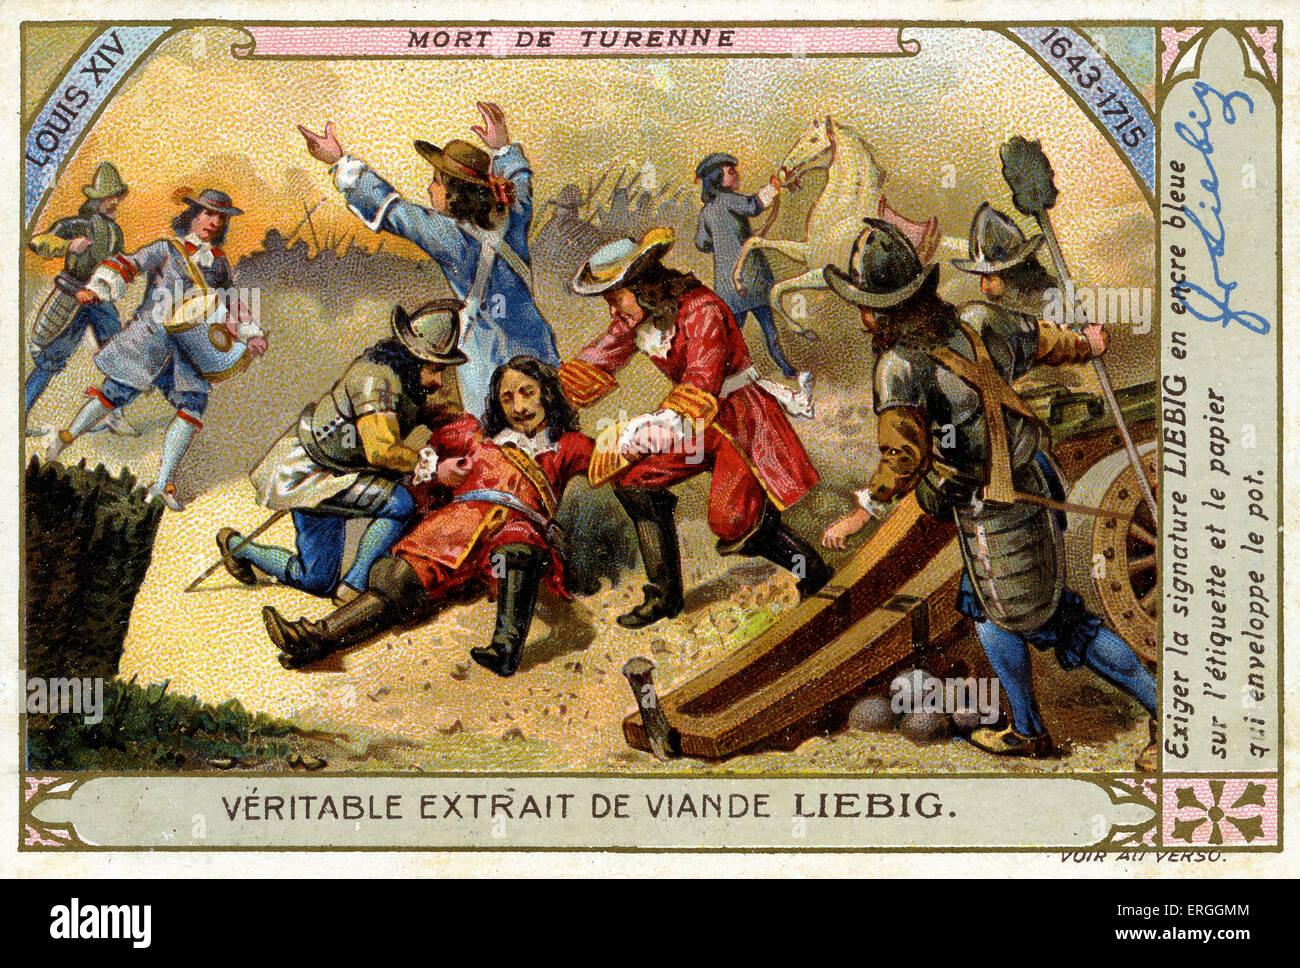 Reign of Louis XIV: Death of Turenne. Henri de la Tour d'Auvergne, Vicomte de Turenne was killed during Dutch - Stock Image